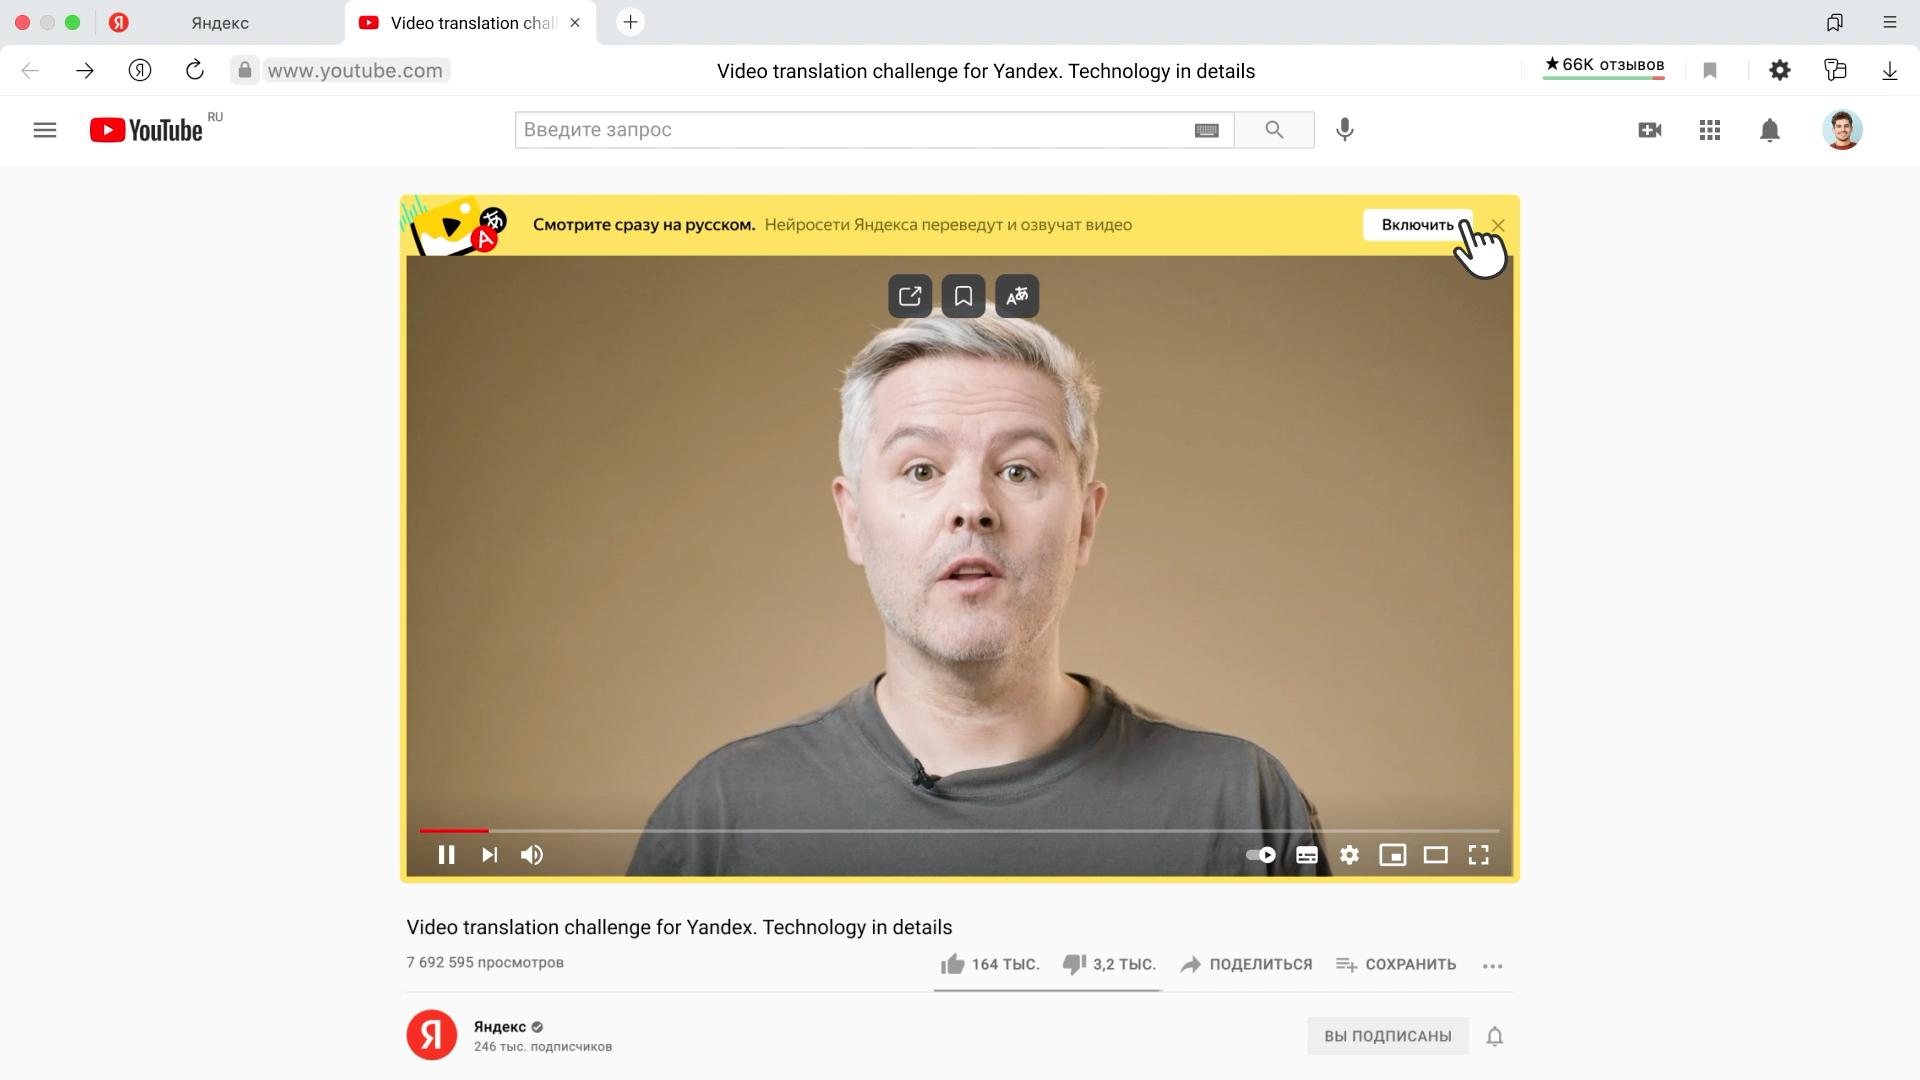 Яндекс обвинили в плагиате при разработке технологии машинного перевода1